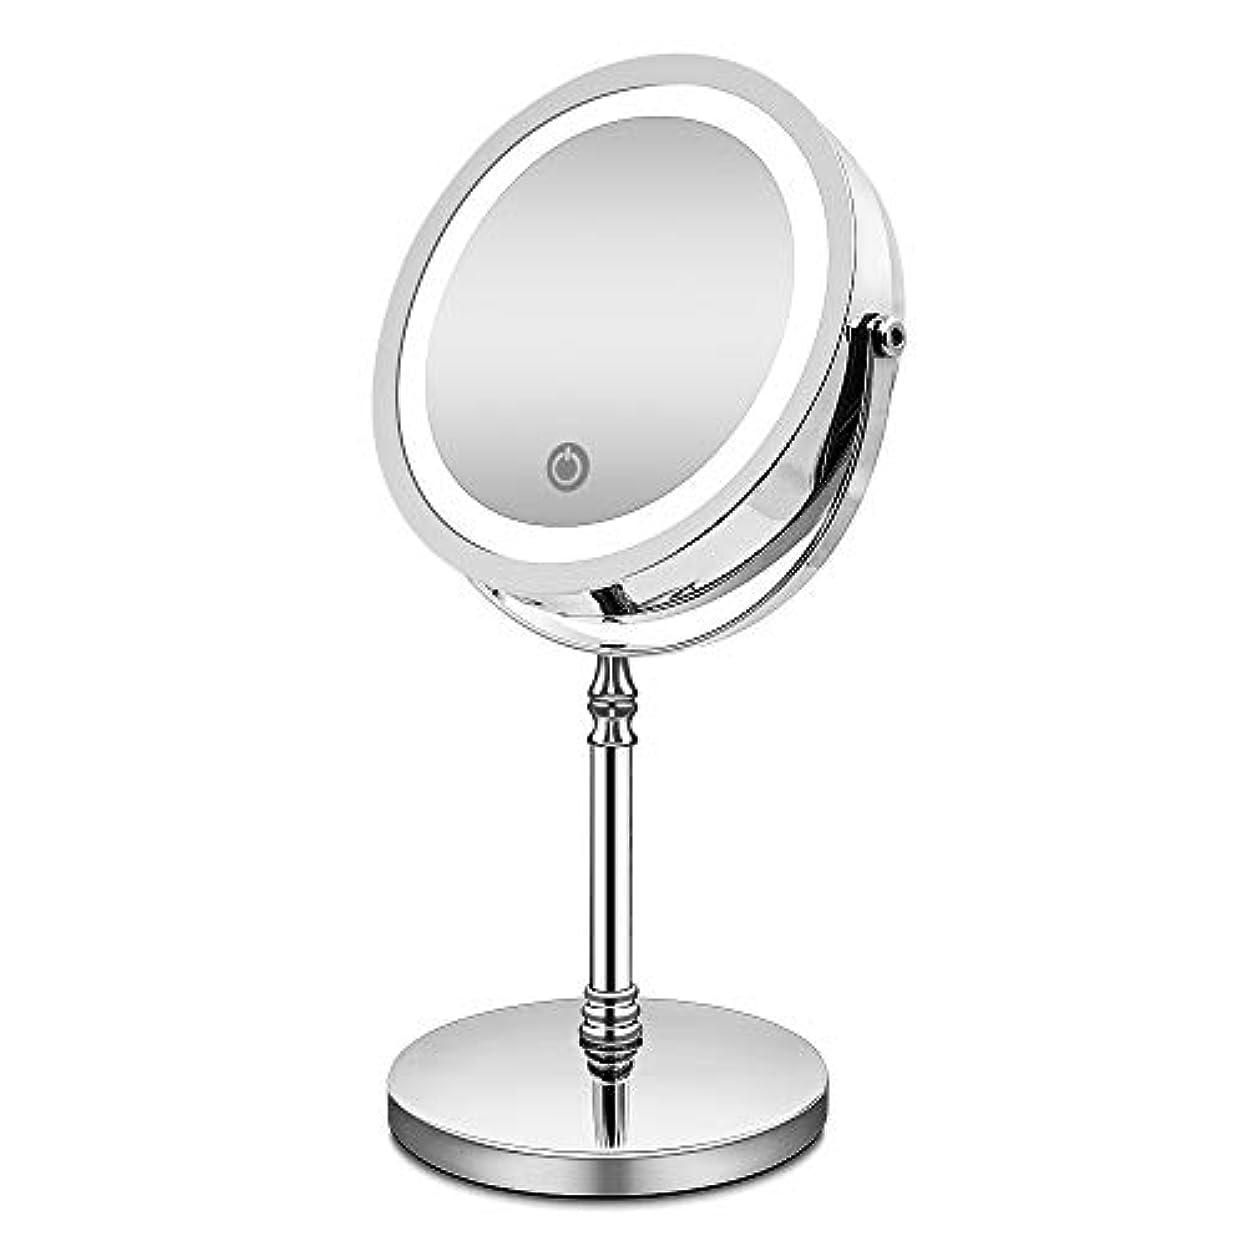 目の前の開梱ピンクAMZTOLIFE 化粧鏡 10倍 拡大鏡 付き led ミラー LED 両面 鏡 卓上 スタンドミラー メイク 3 WAY給電 曇らないミラー 360度回転 北欧風 電池&USB 日本語取扱説明書付き (改良版)